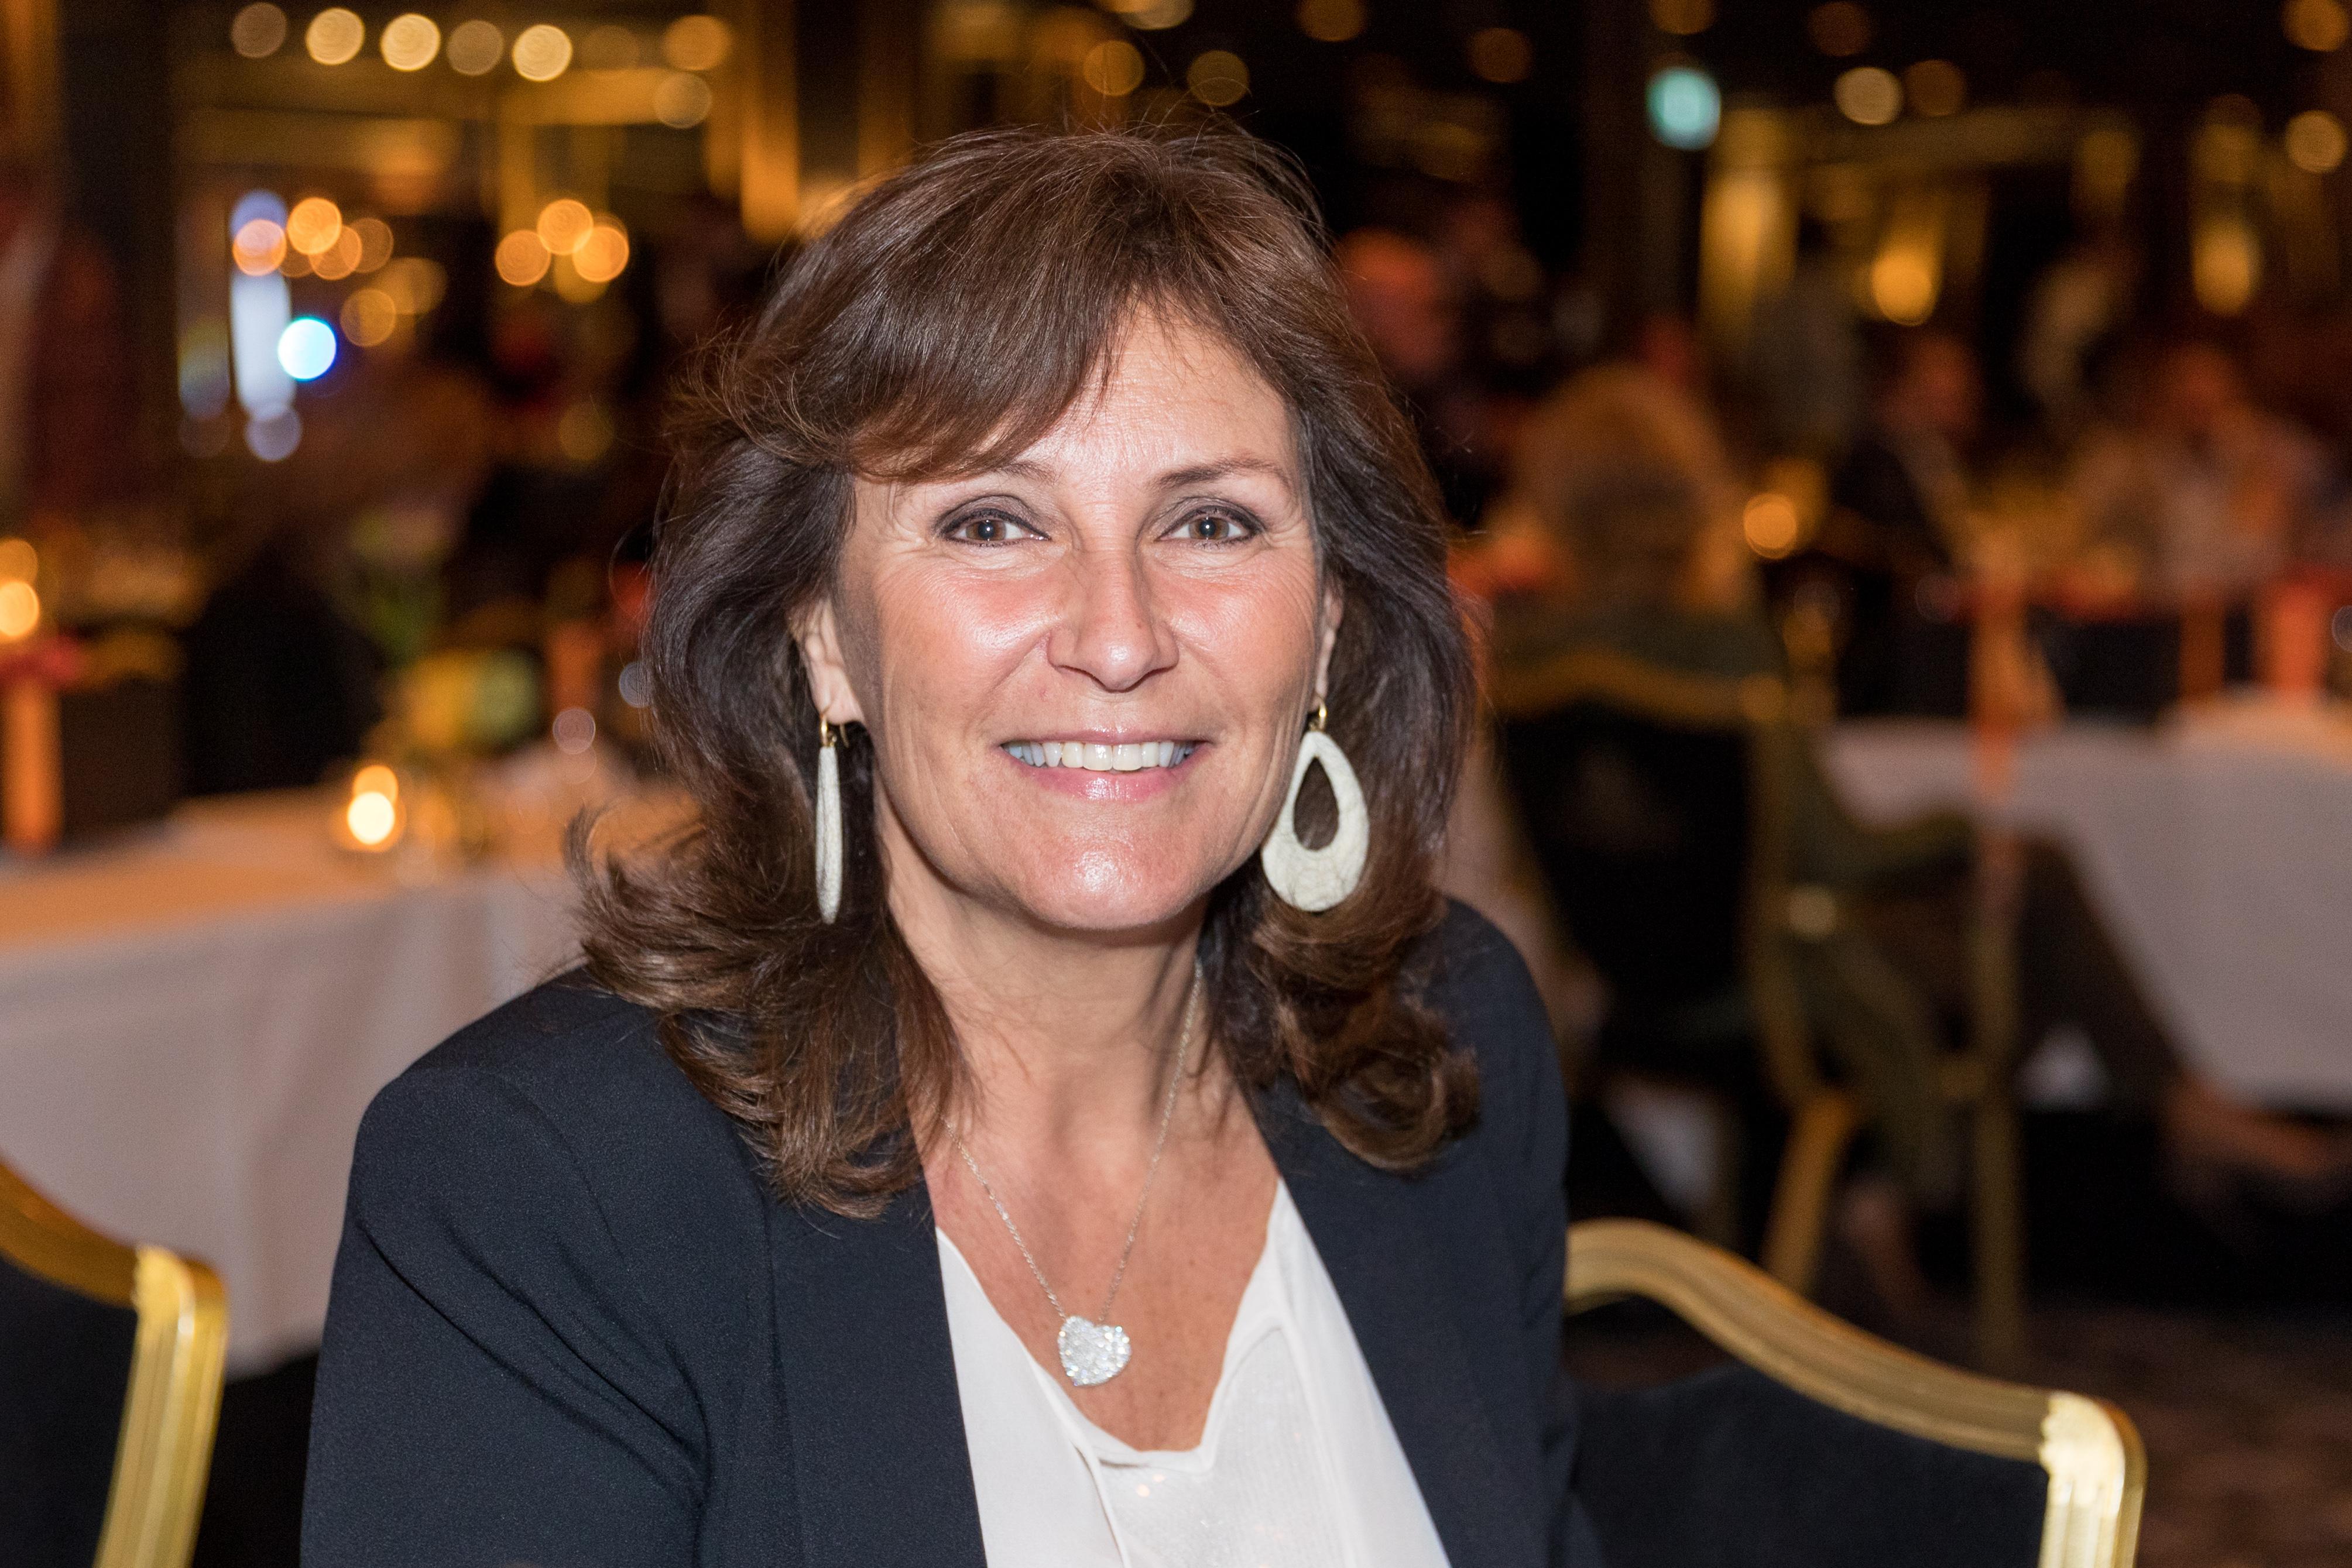 Astrid Joosten Presenteert Zelfbedachte Taalshow Entertainment Telegraaf Nl